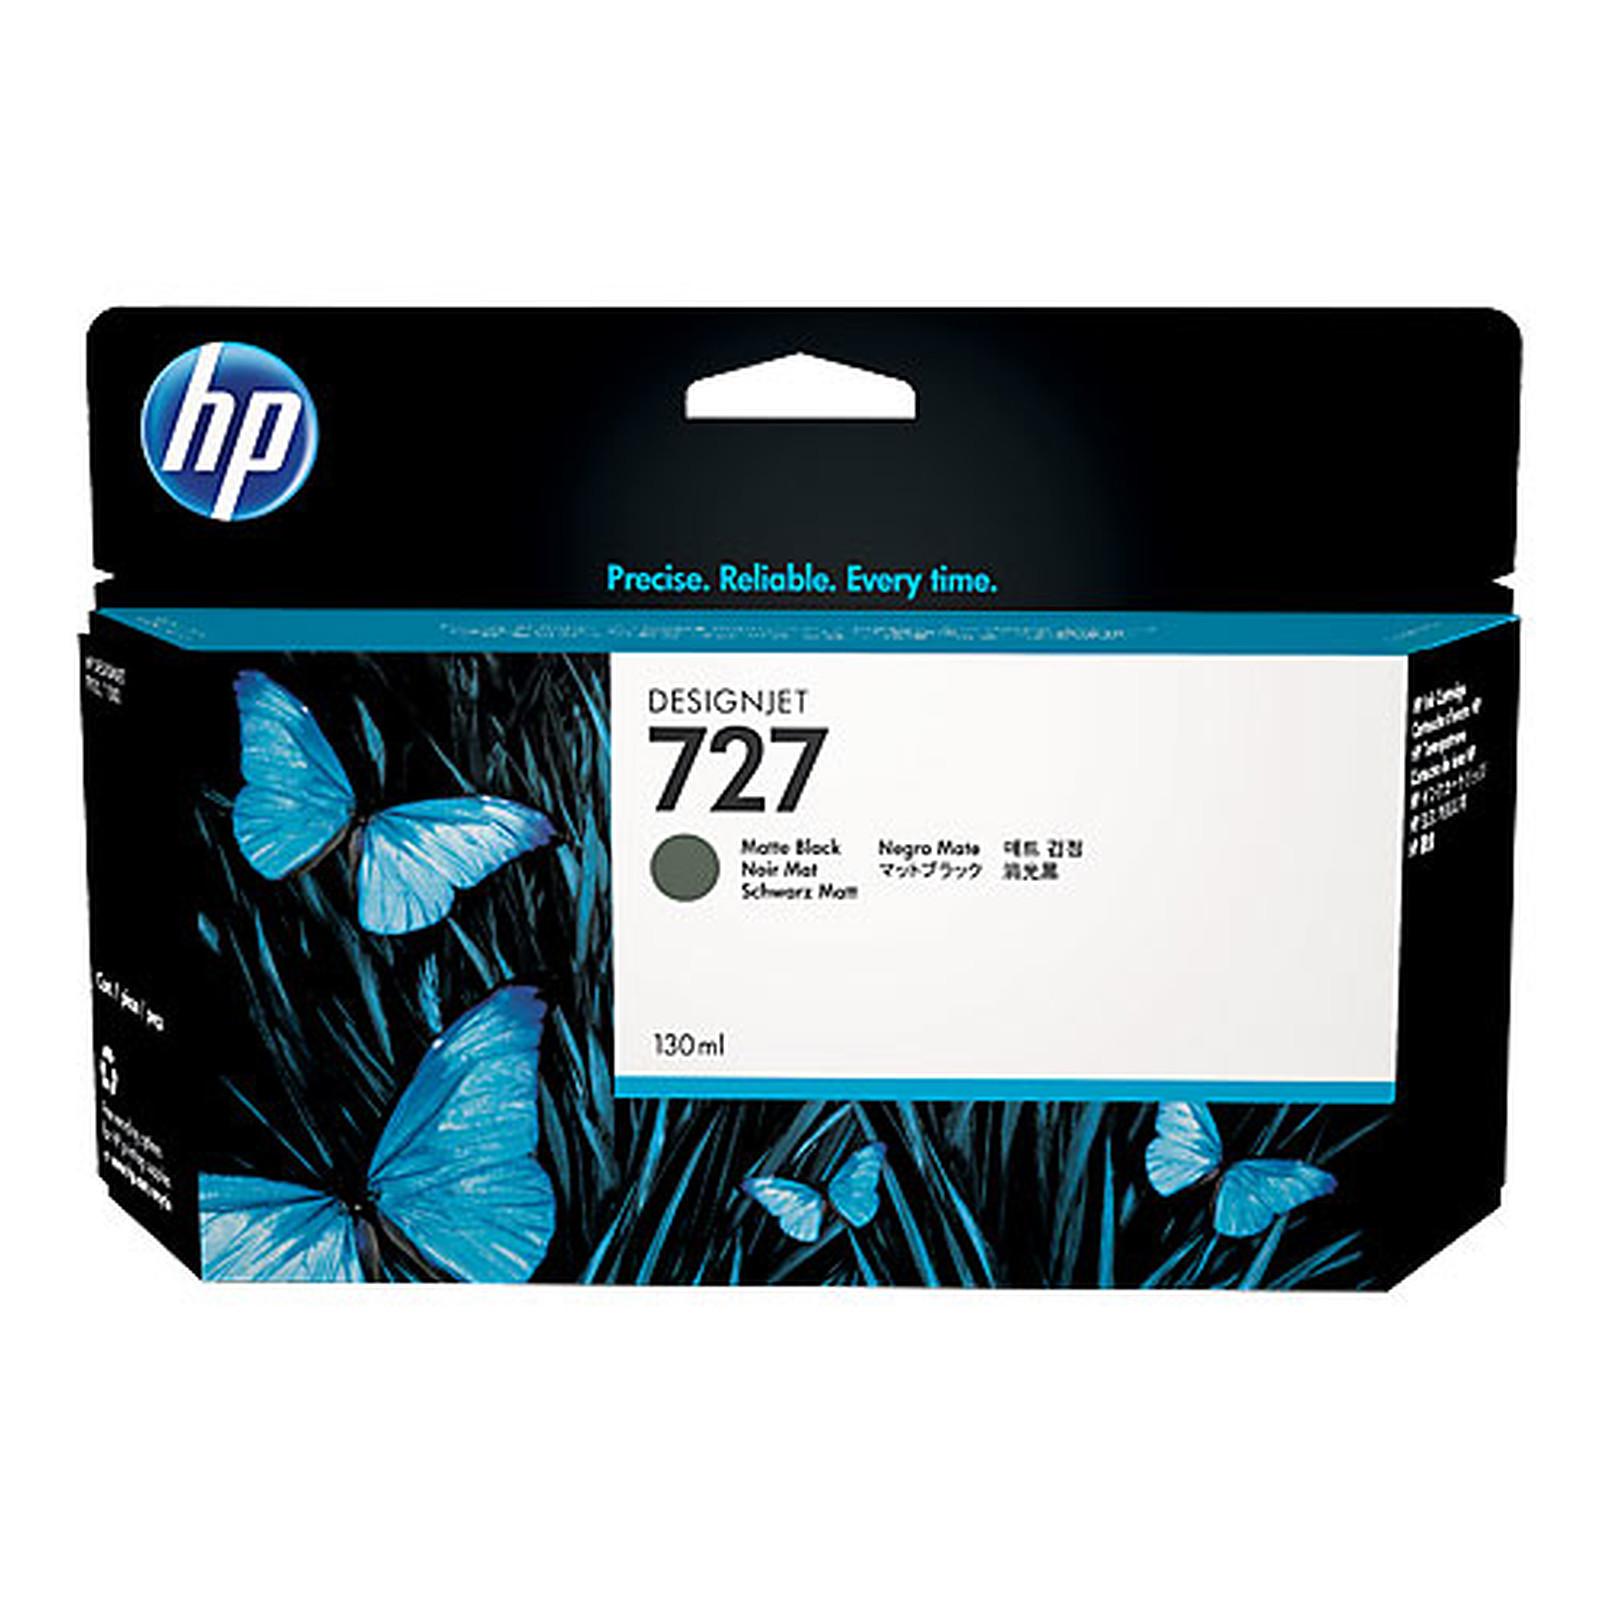 HP 727 Designjet 130 ml - Noir Mat